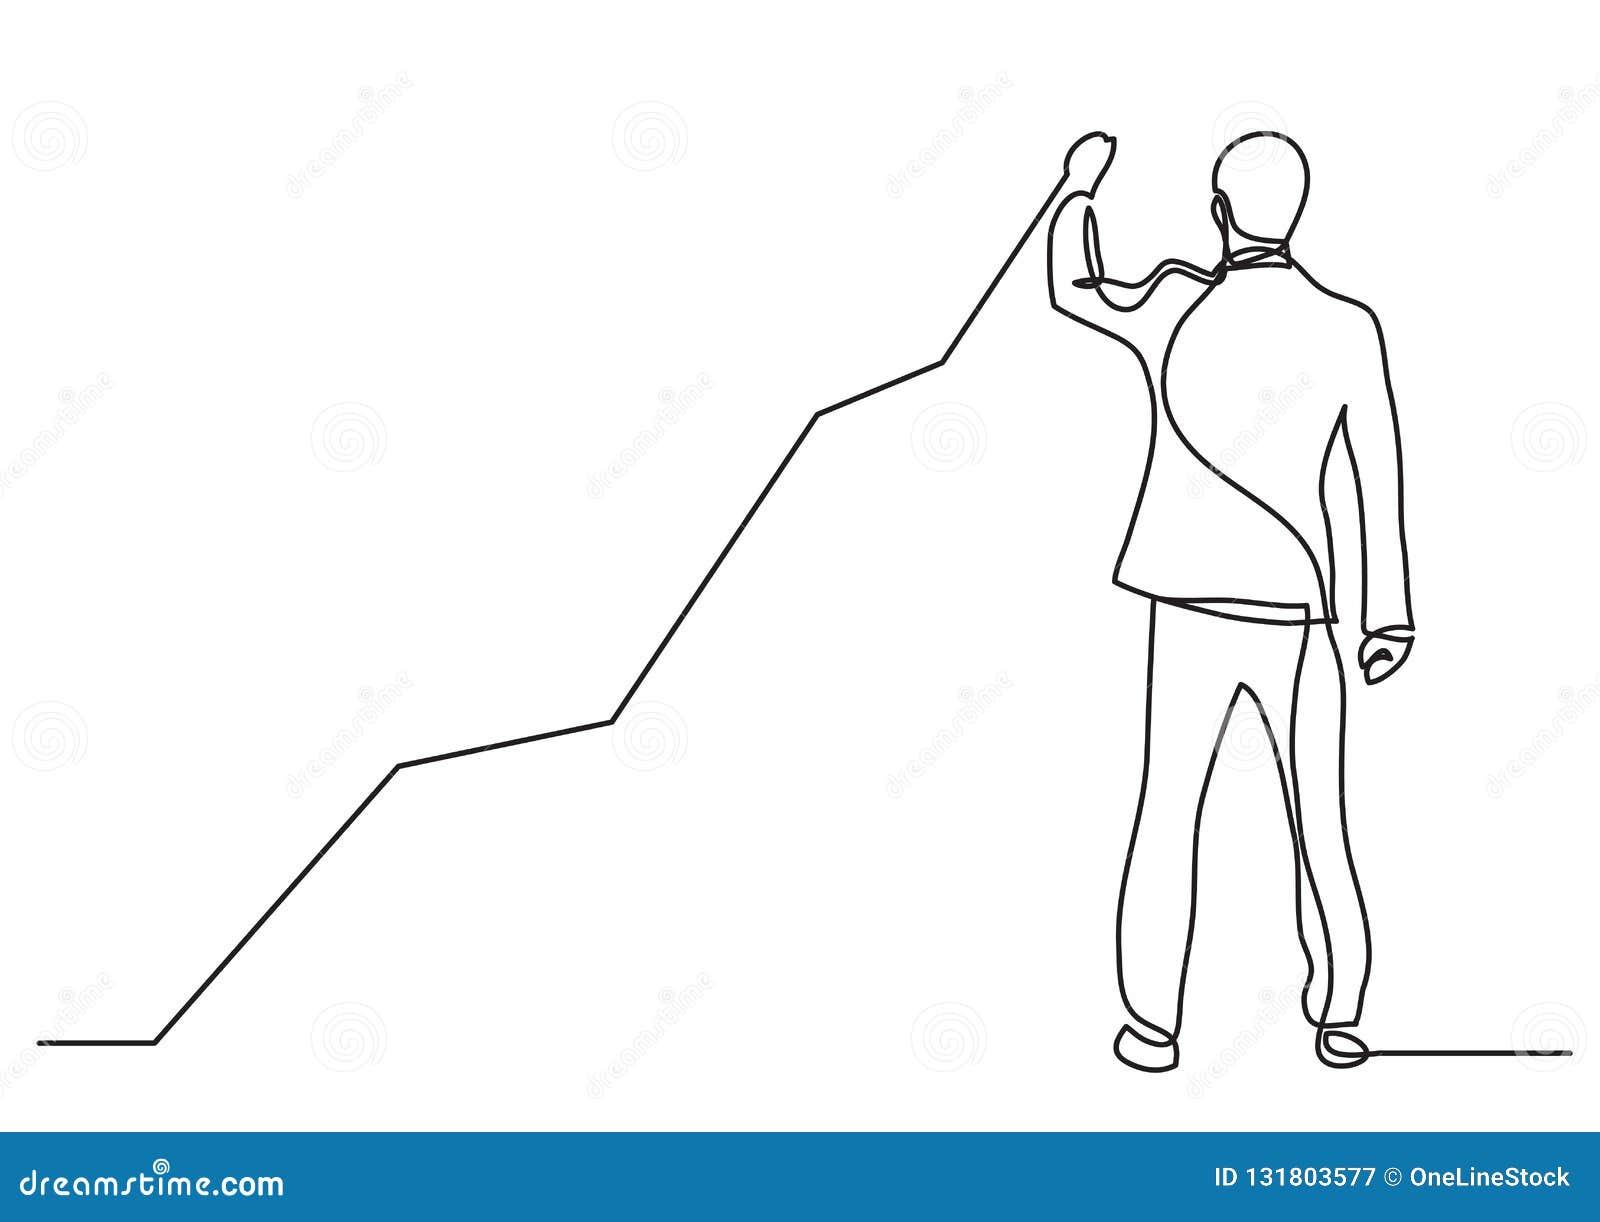 Непрерывная линия чертеж состояния бизнеса - стоя диаграммы чертежа бизнесмена поднимая